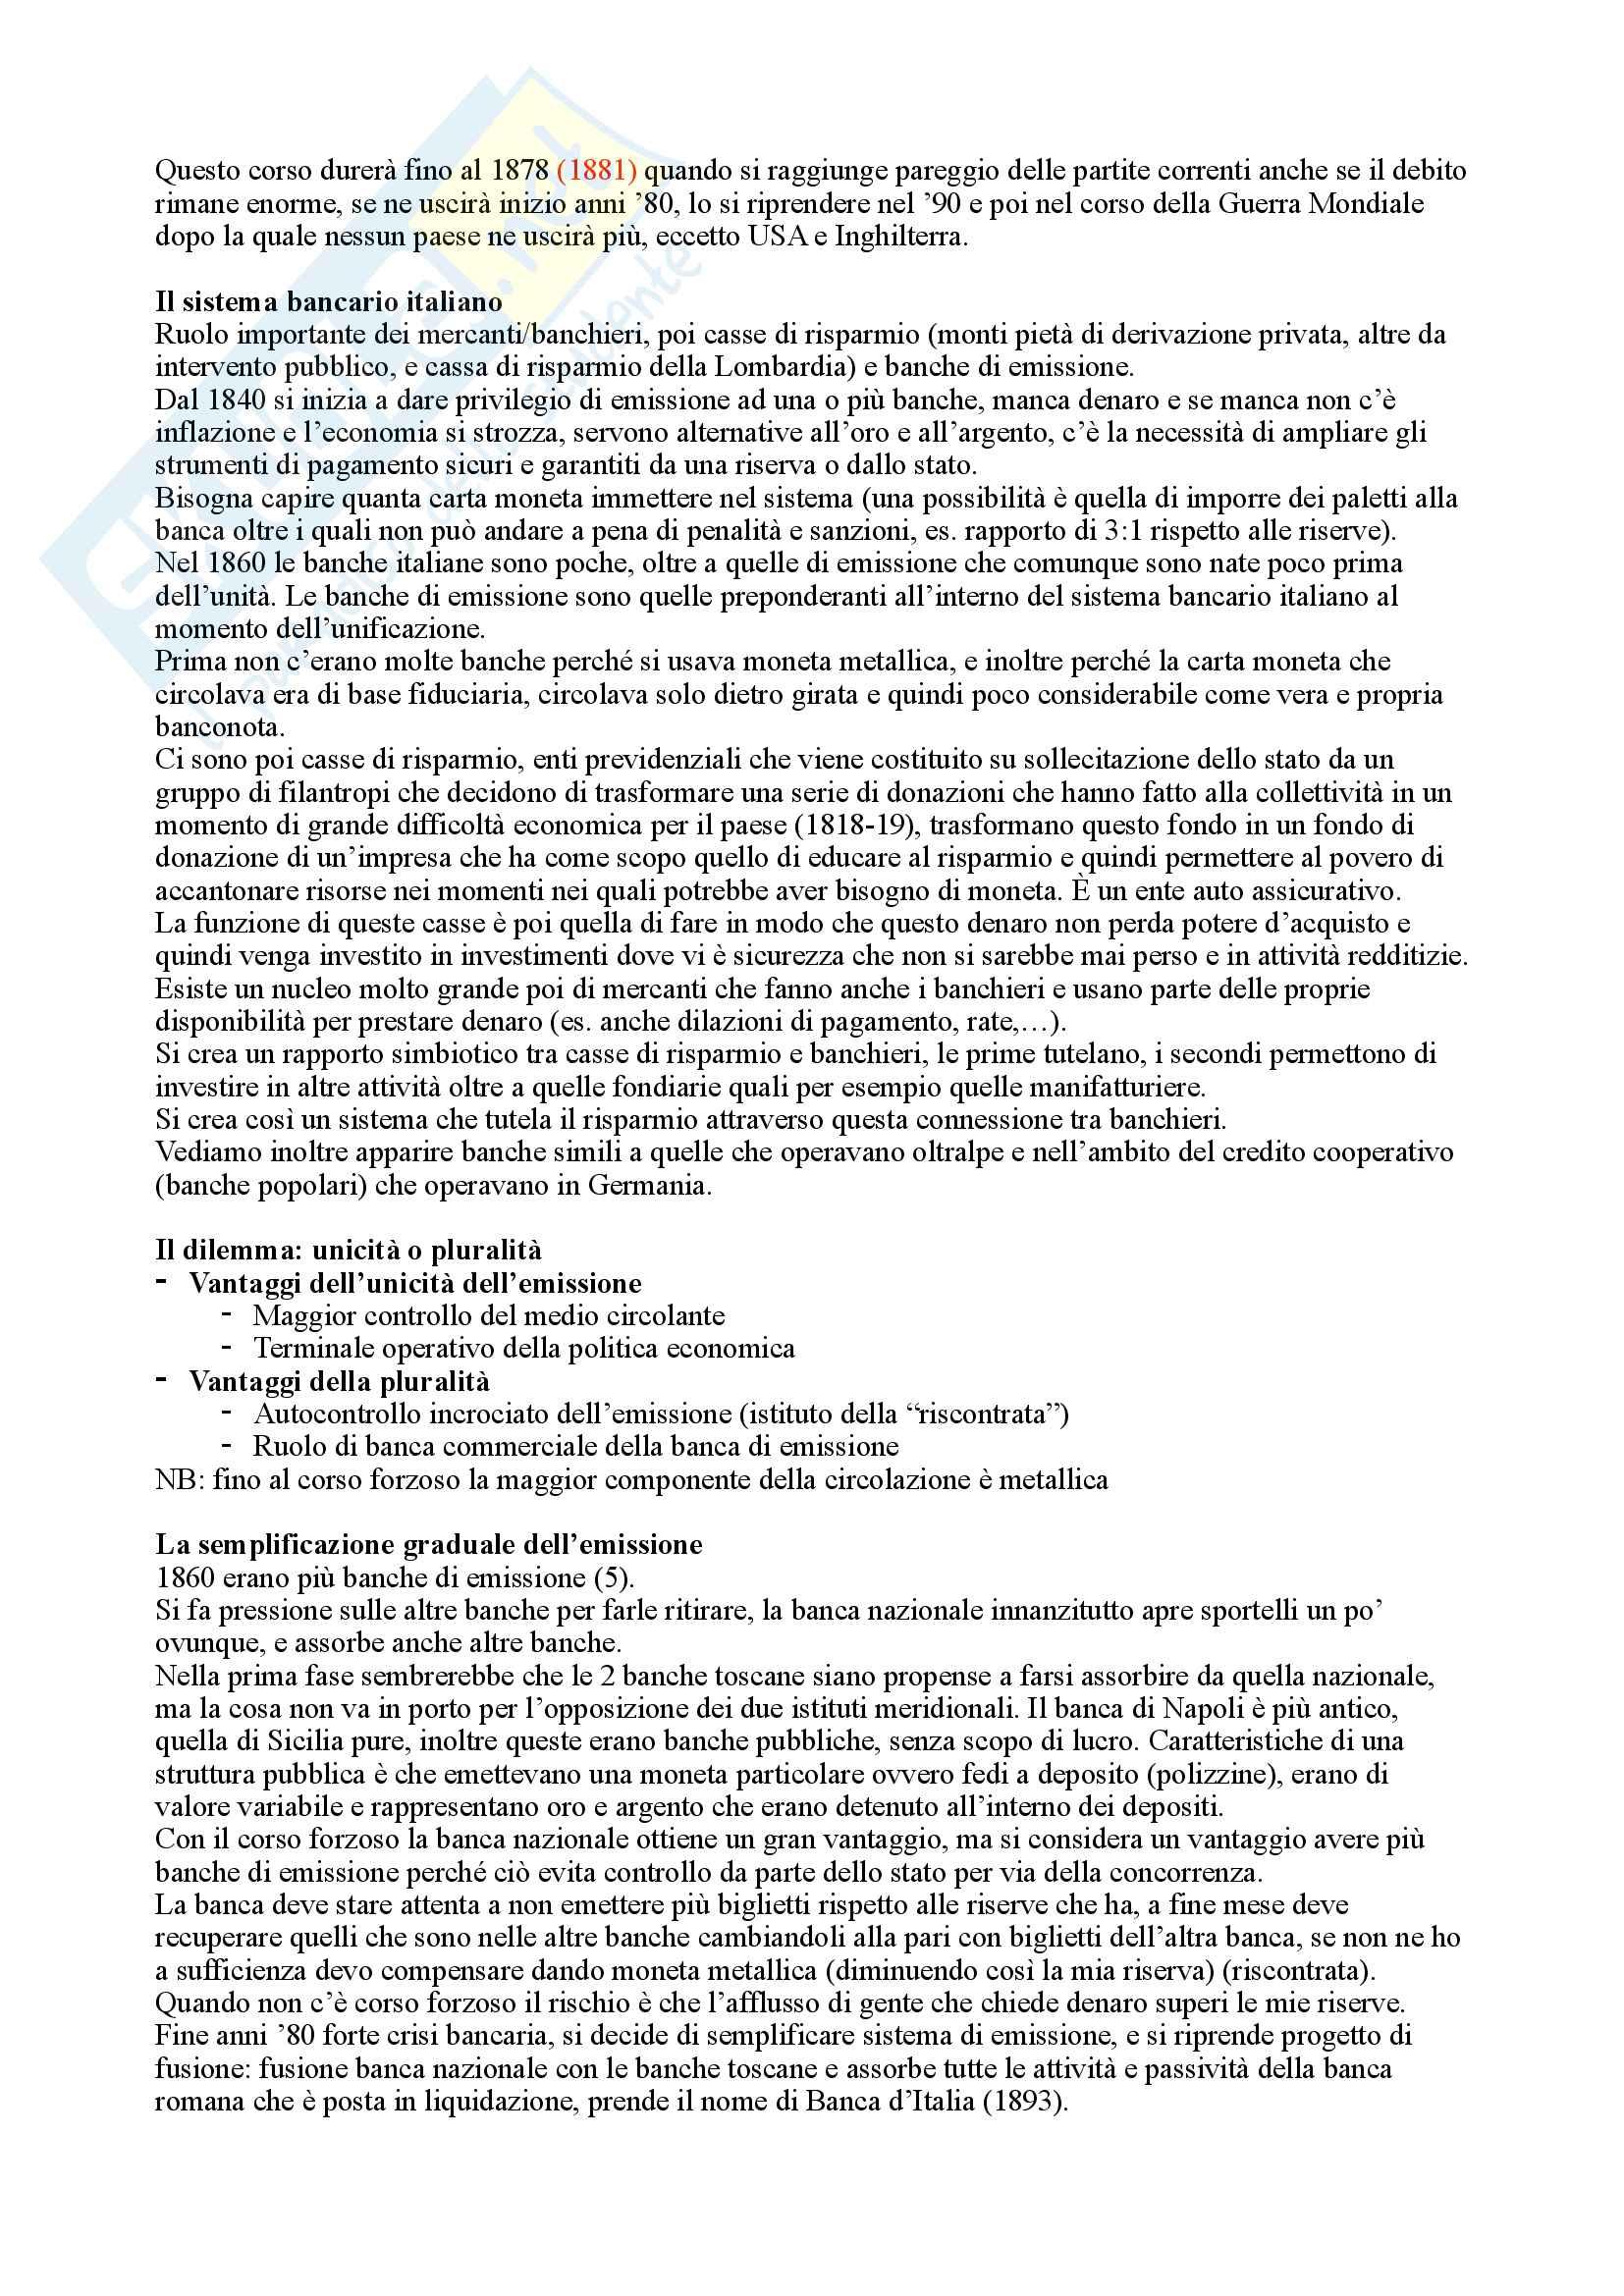 Storia Economica (Storia della banca) Pag. 31